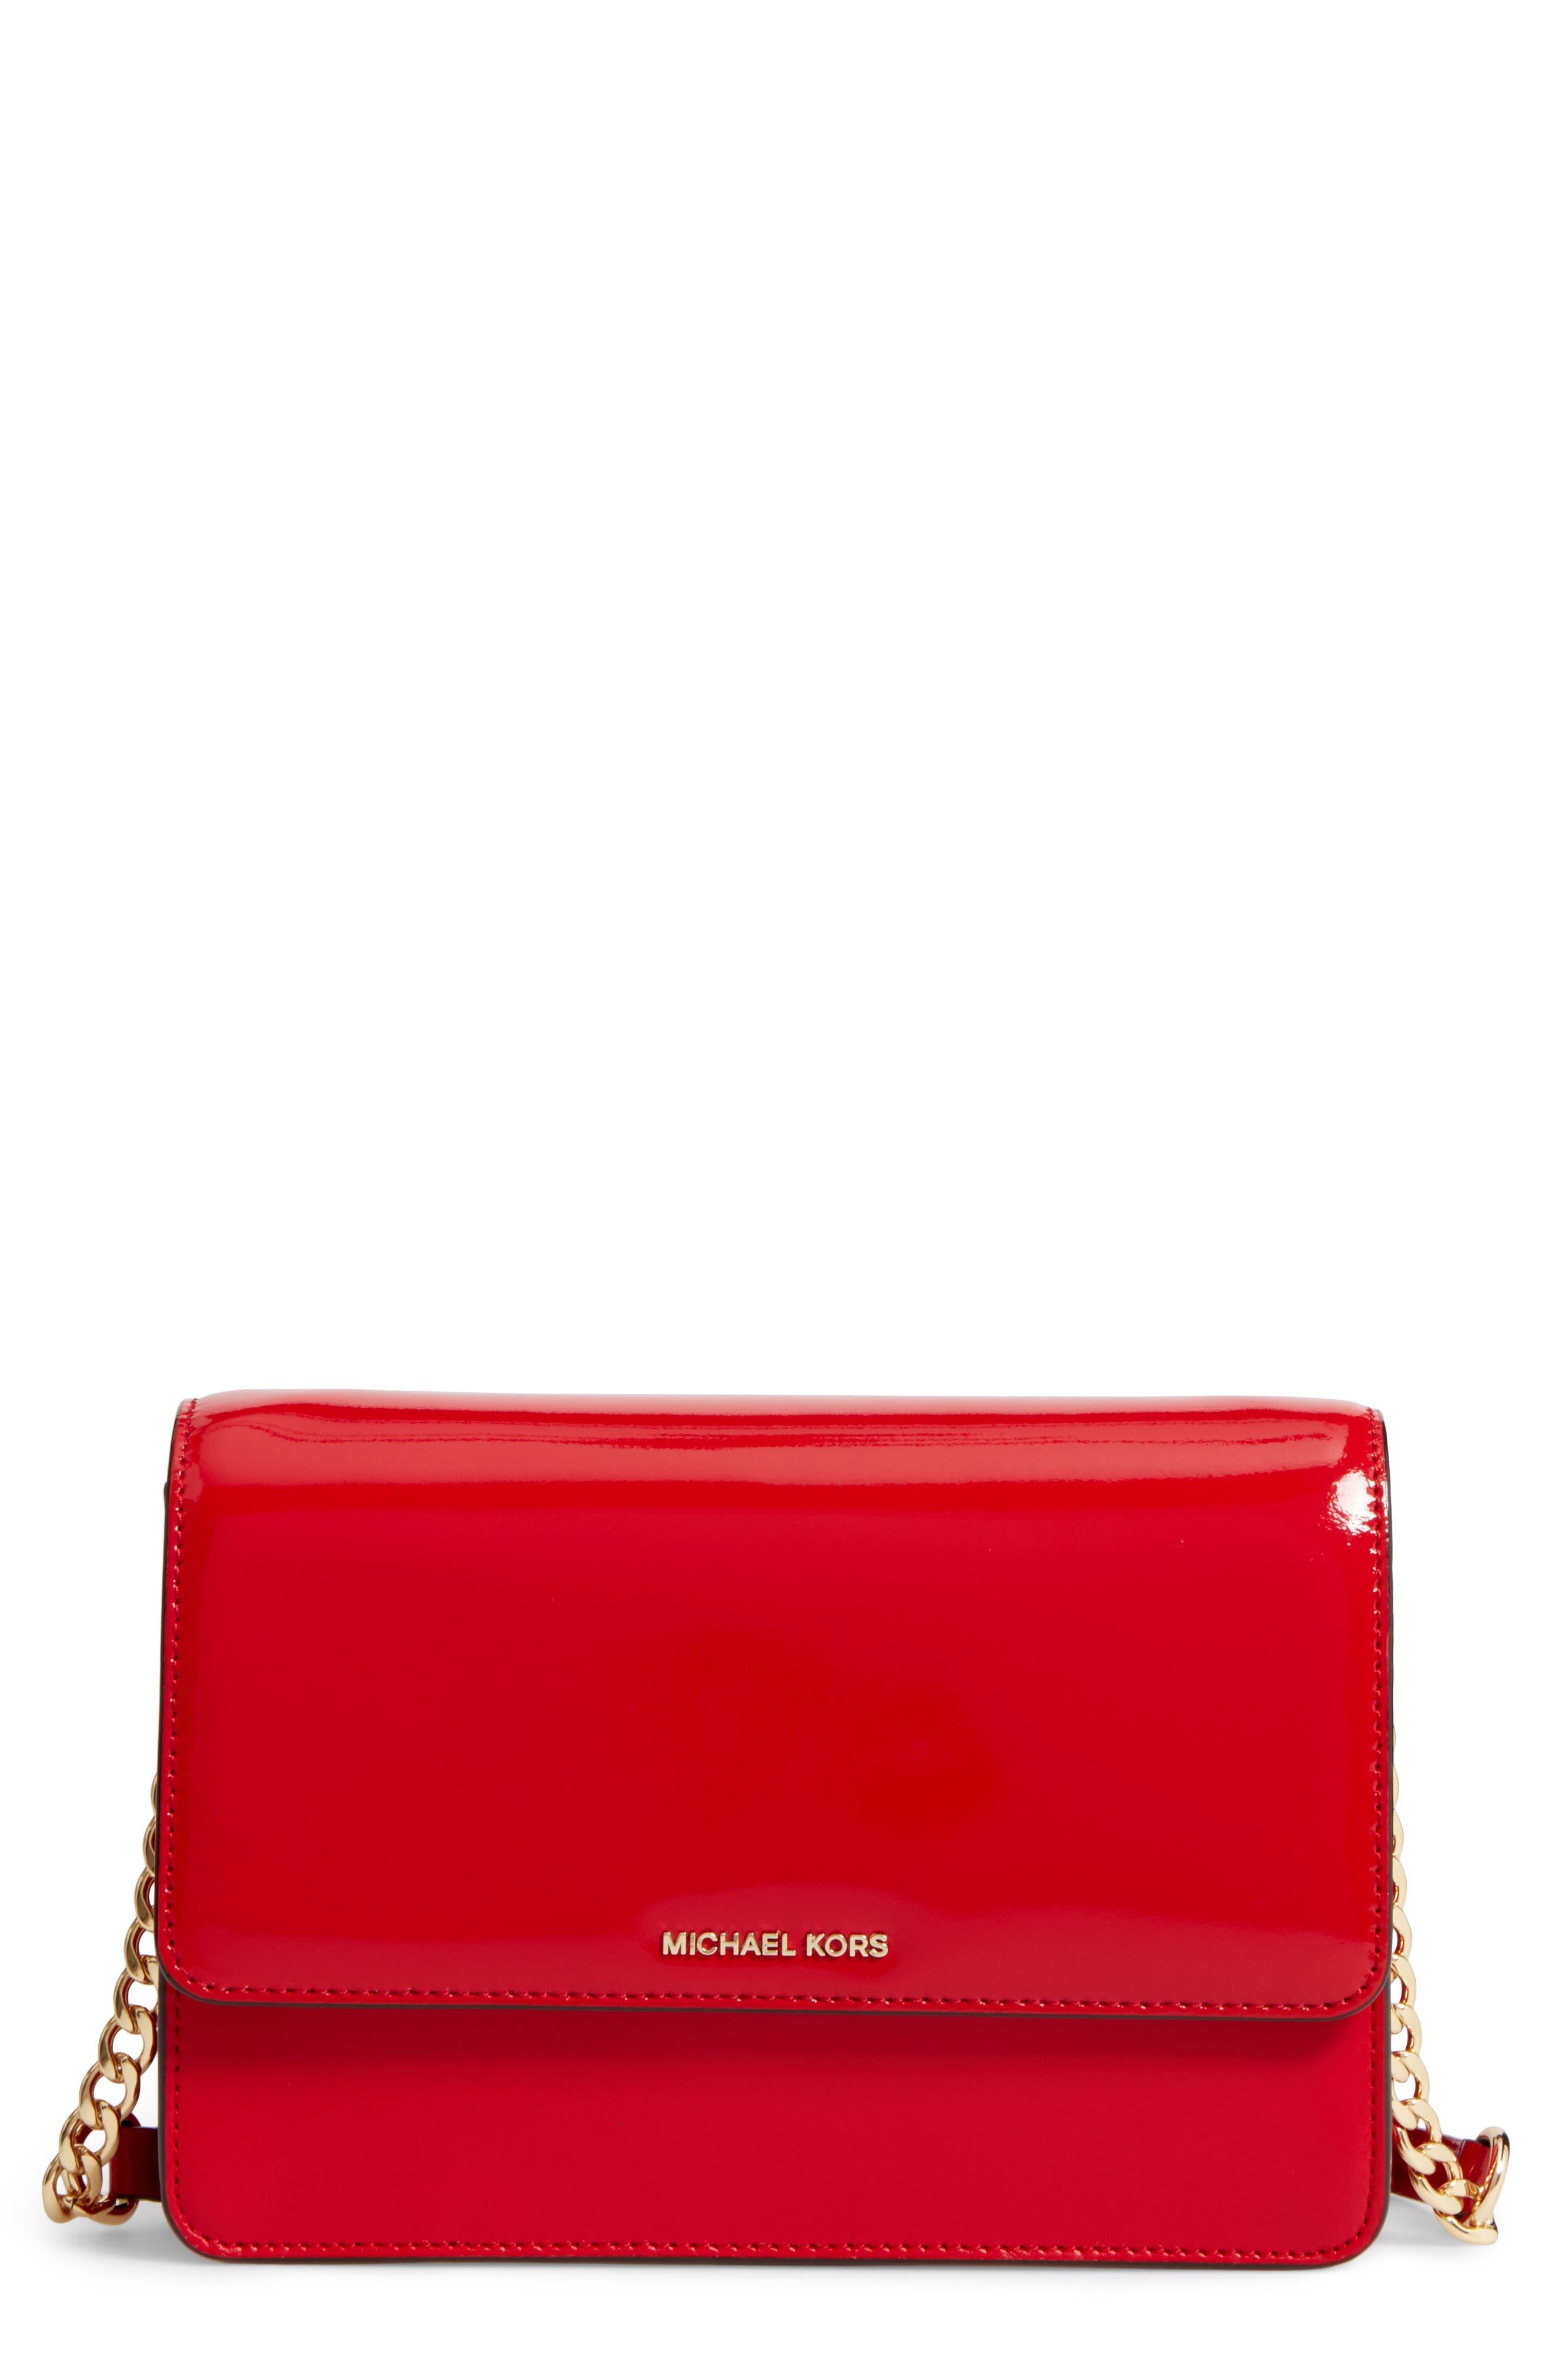 Alternate Image 1 Selected - MICHAEL Michael Kors Large Daniela Leather Crossbody Bag